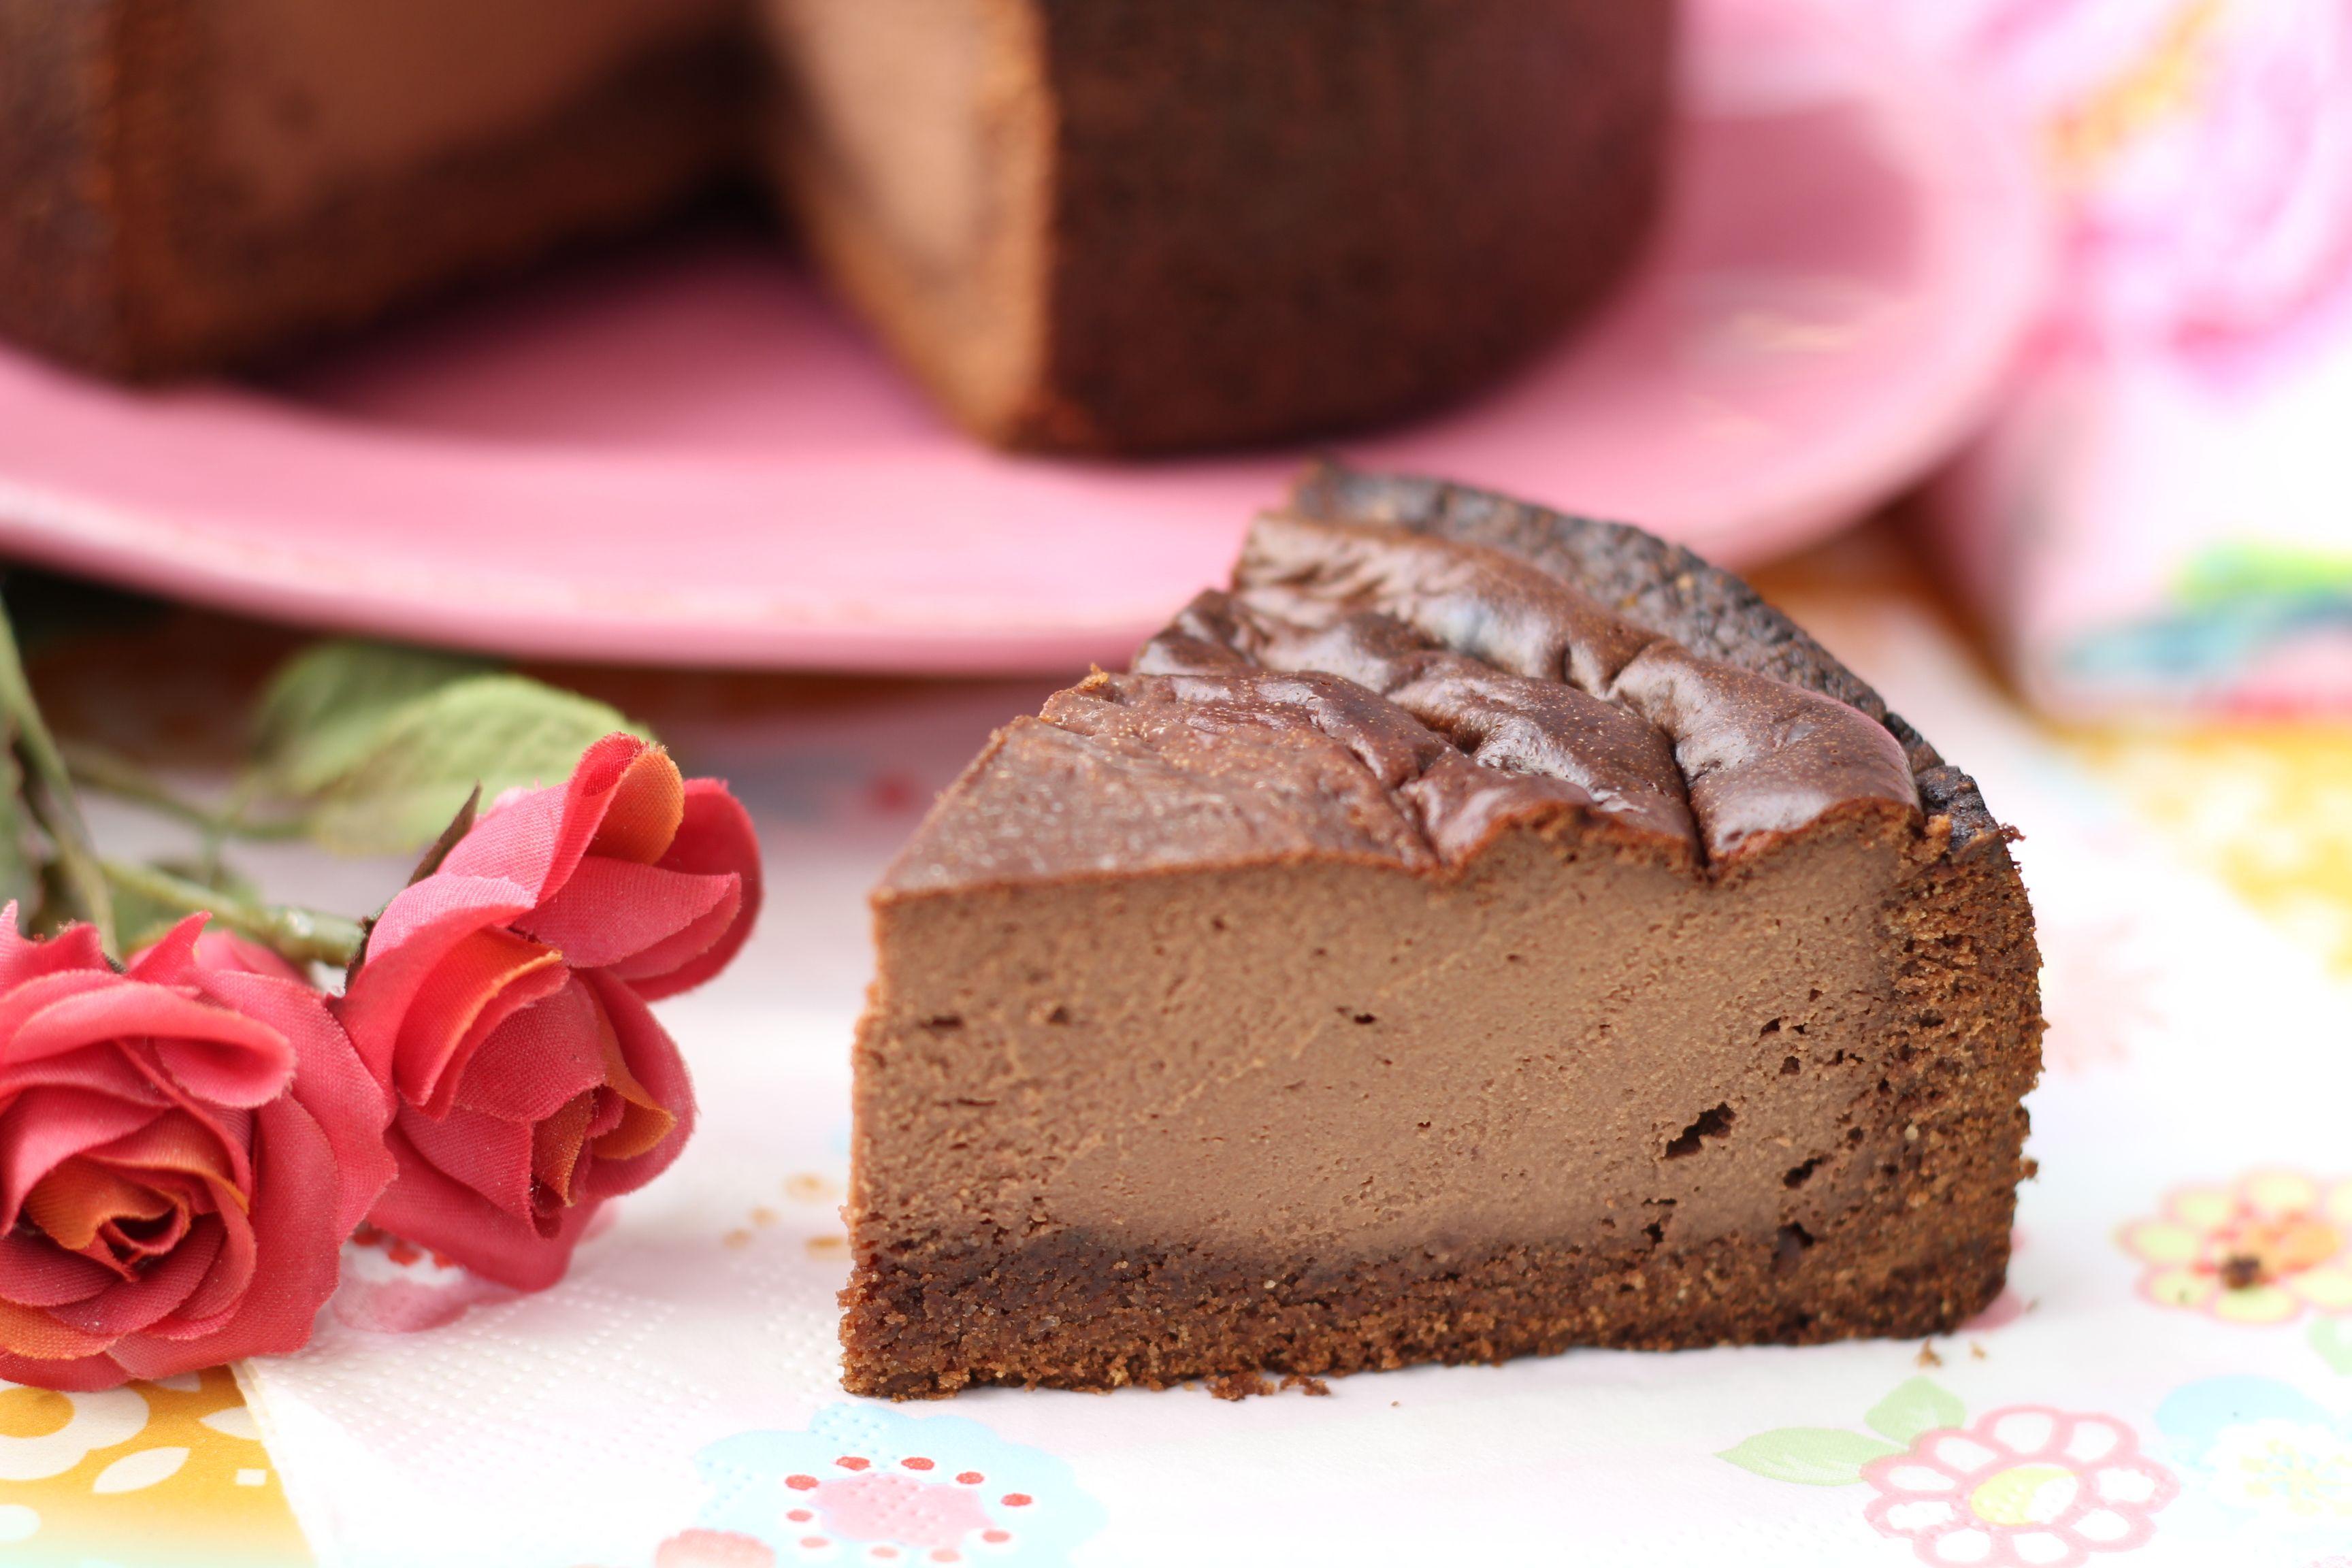 Low Carb Chocolate Cheesecake Rezept Kuchen Und Torten Lebensmittel Essen Low Carb Dessert